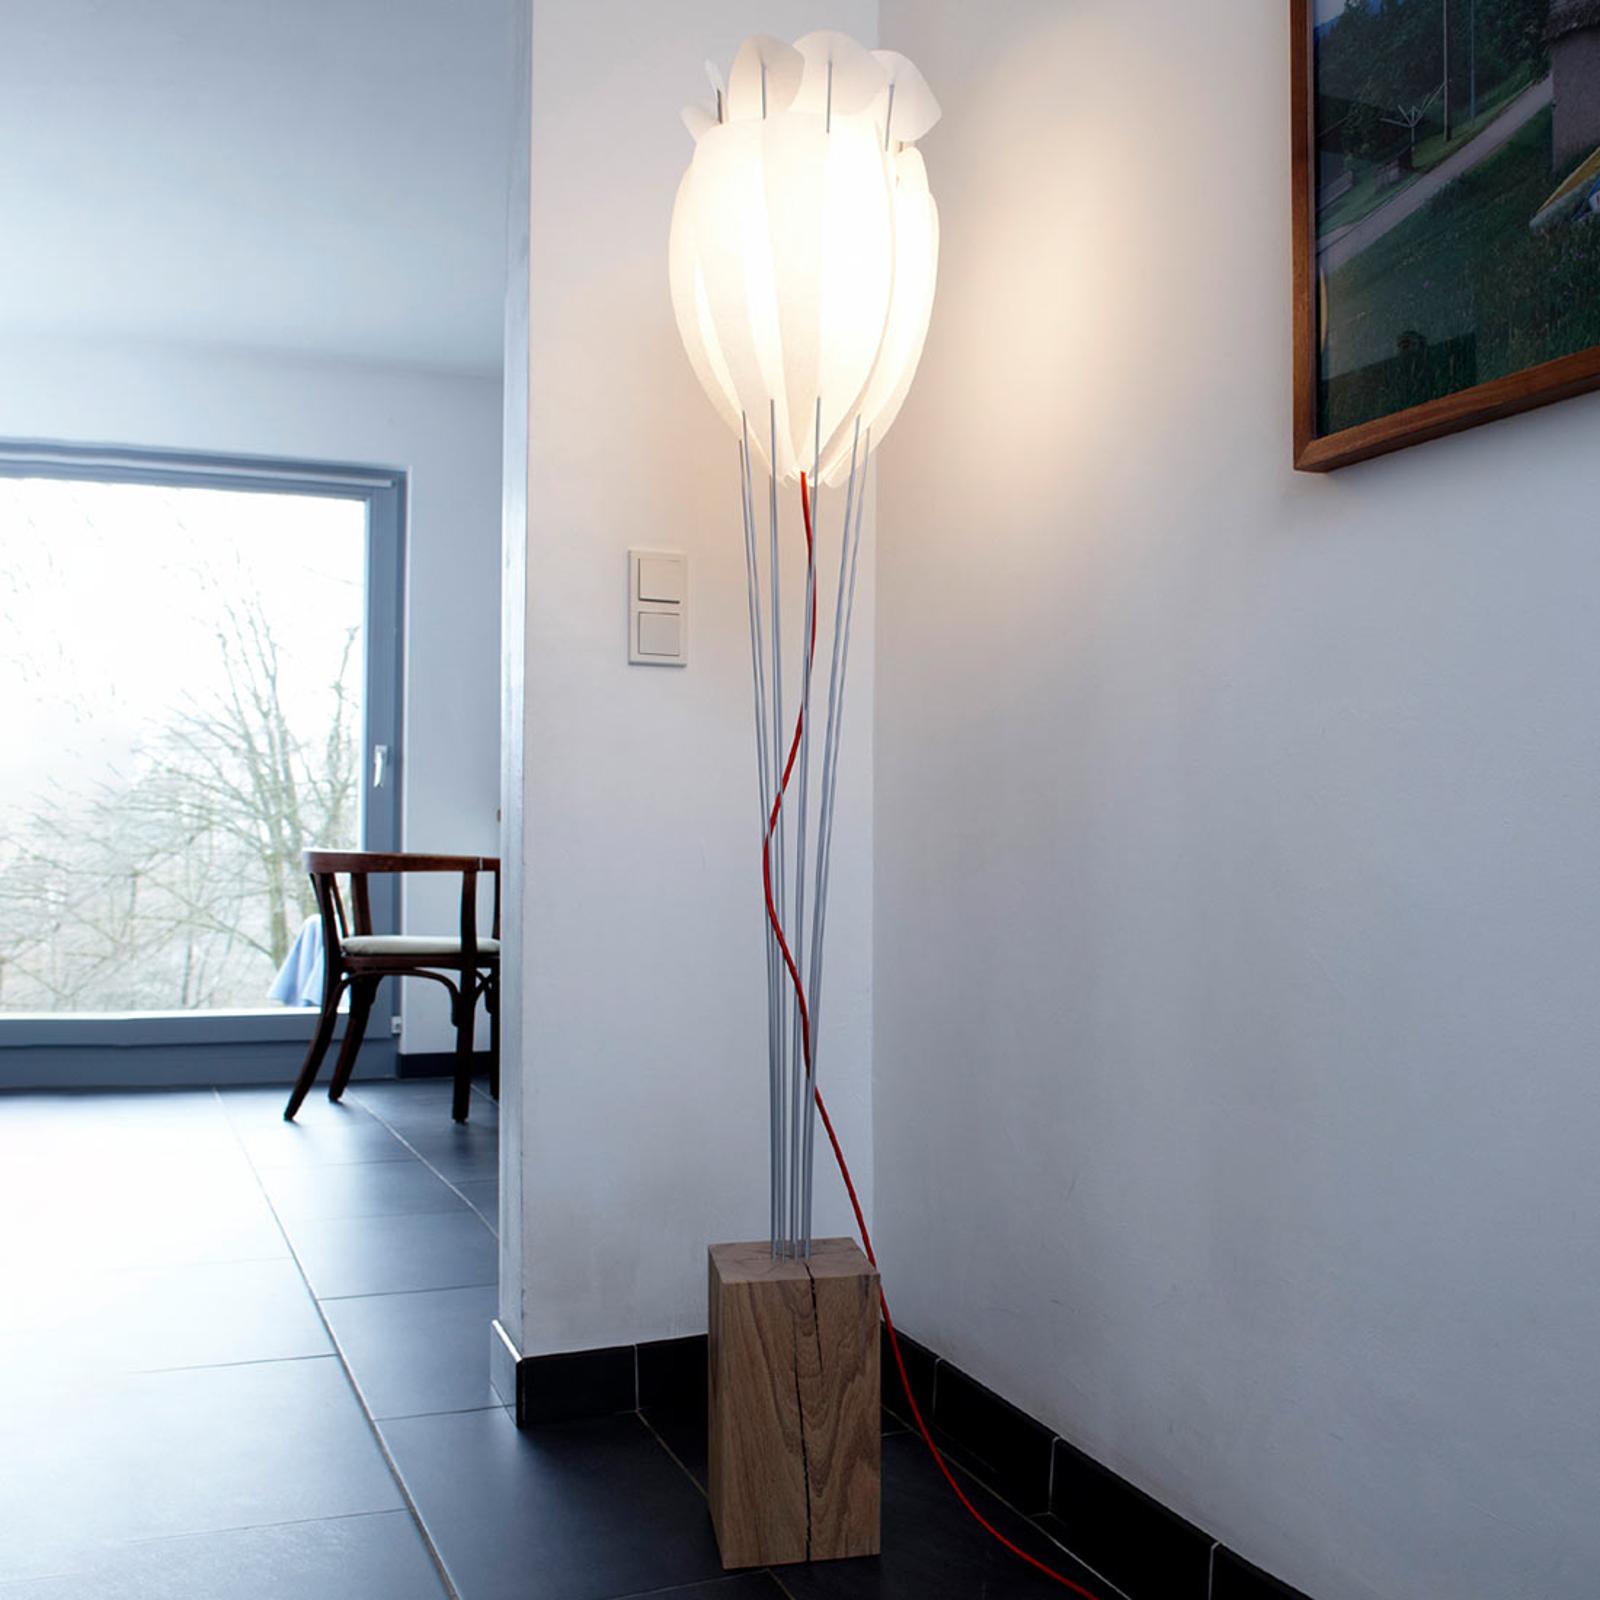 Stojaca lampa Tulip_2600435_1